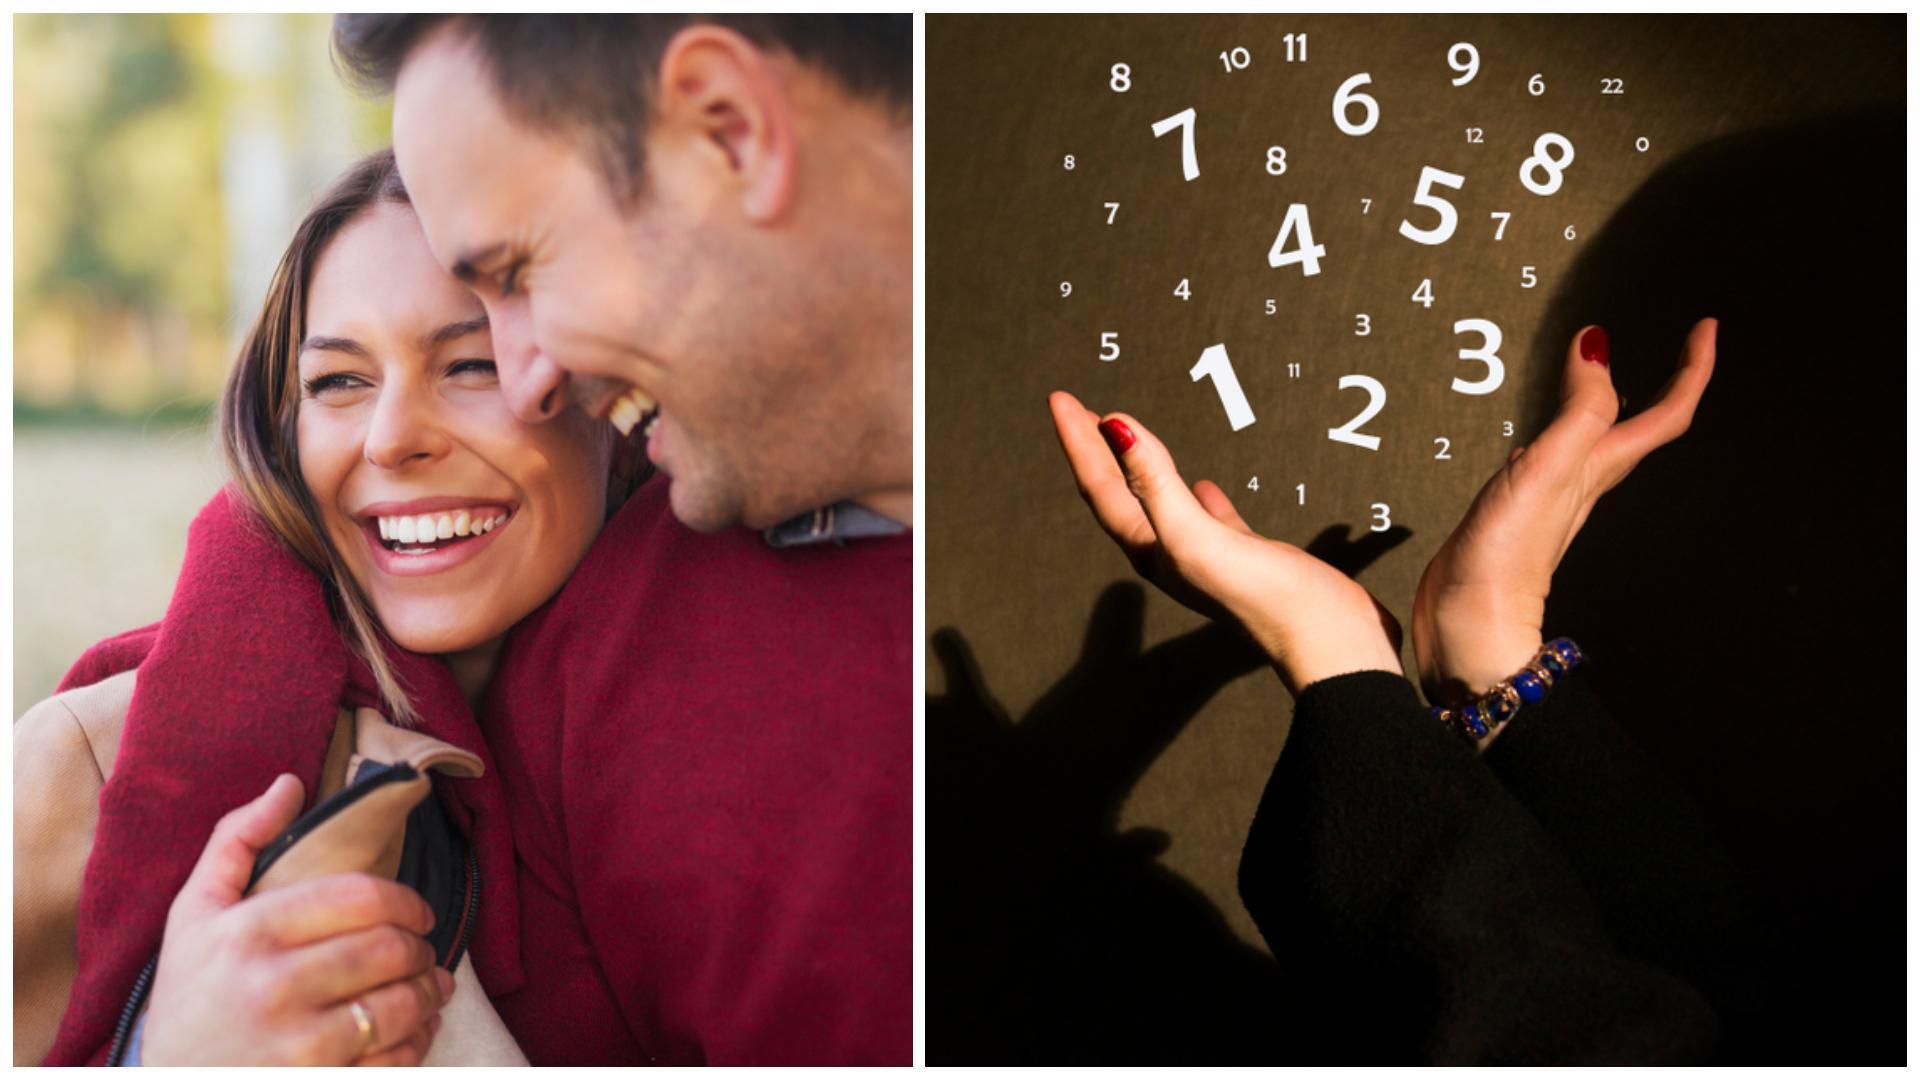 Cum se comportă o femeie în relația de cuplu și în familie în funcție de vibrația interioară. Sfaturi de la numerologul Stratulat